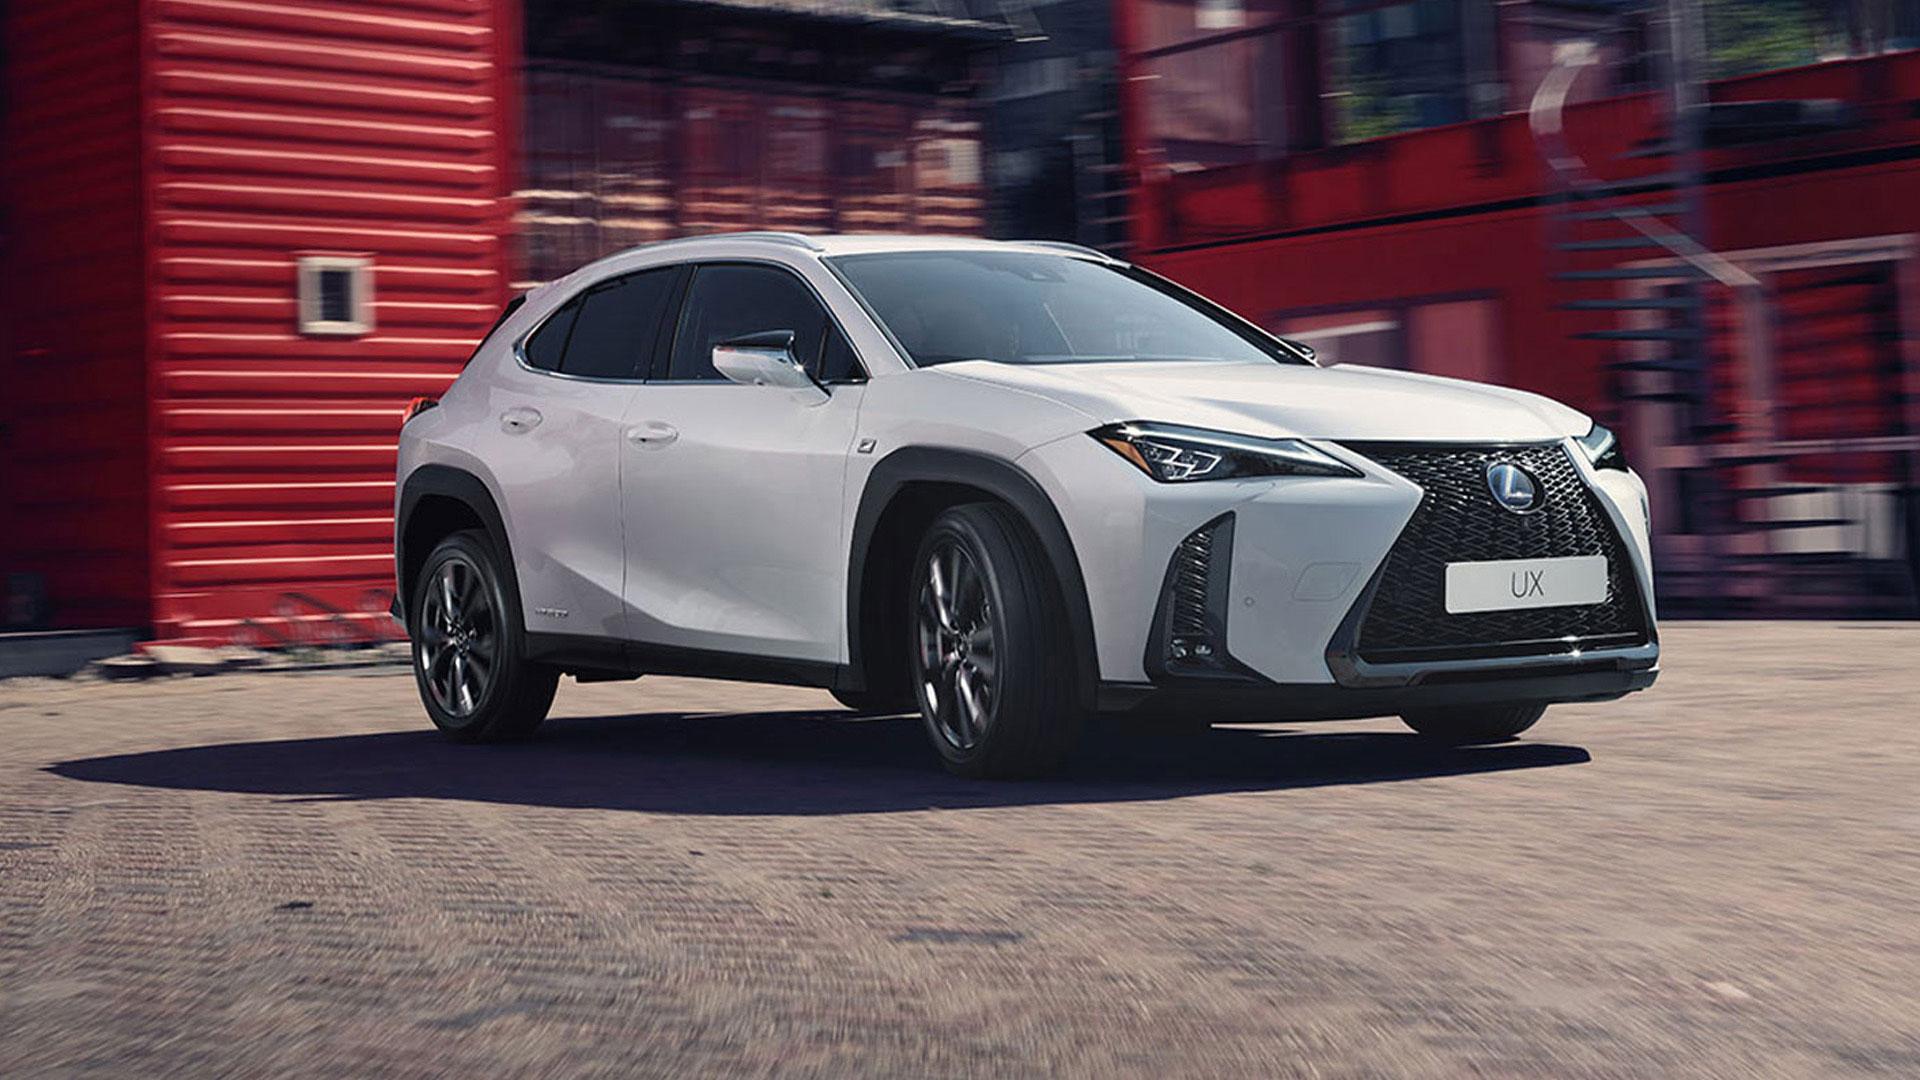 Lexus UX Hybrid 2019 in weiß